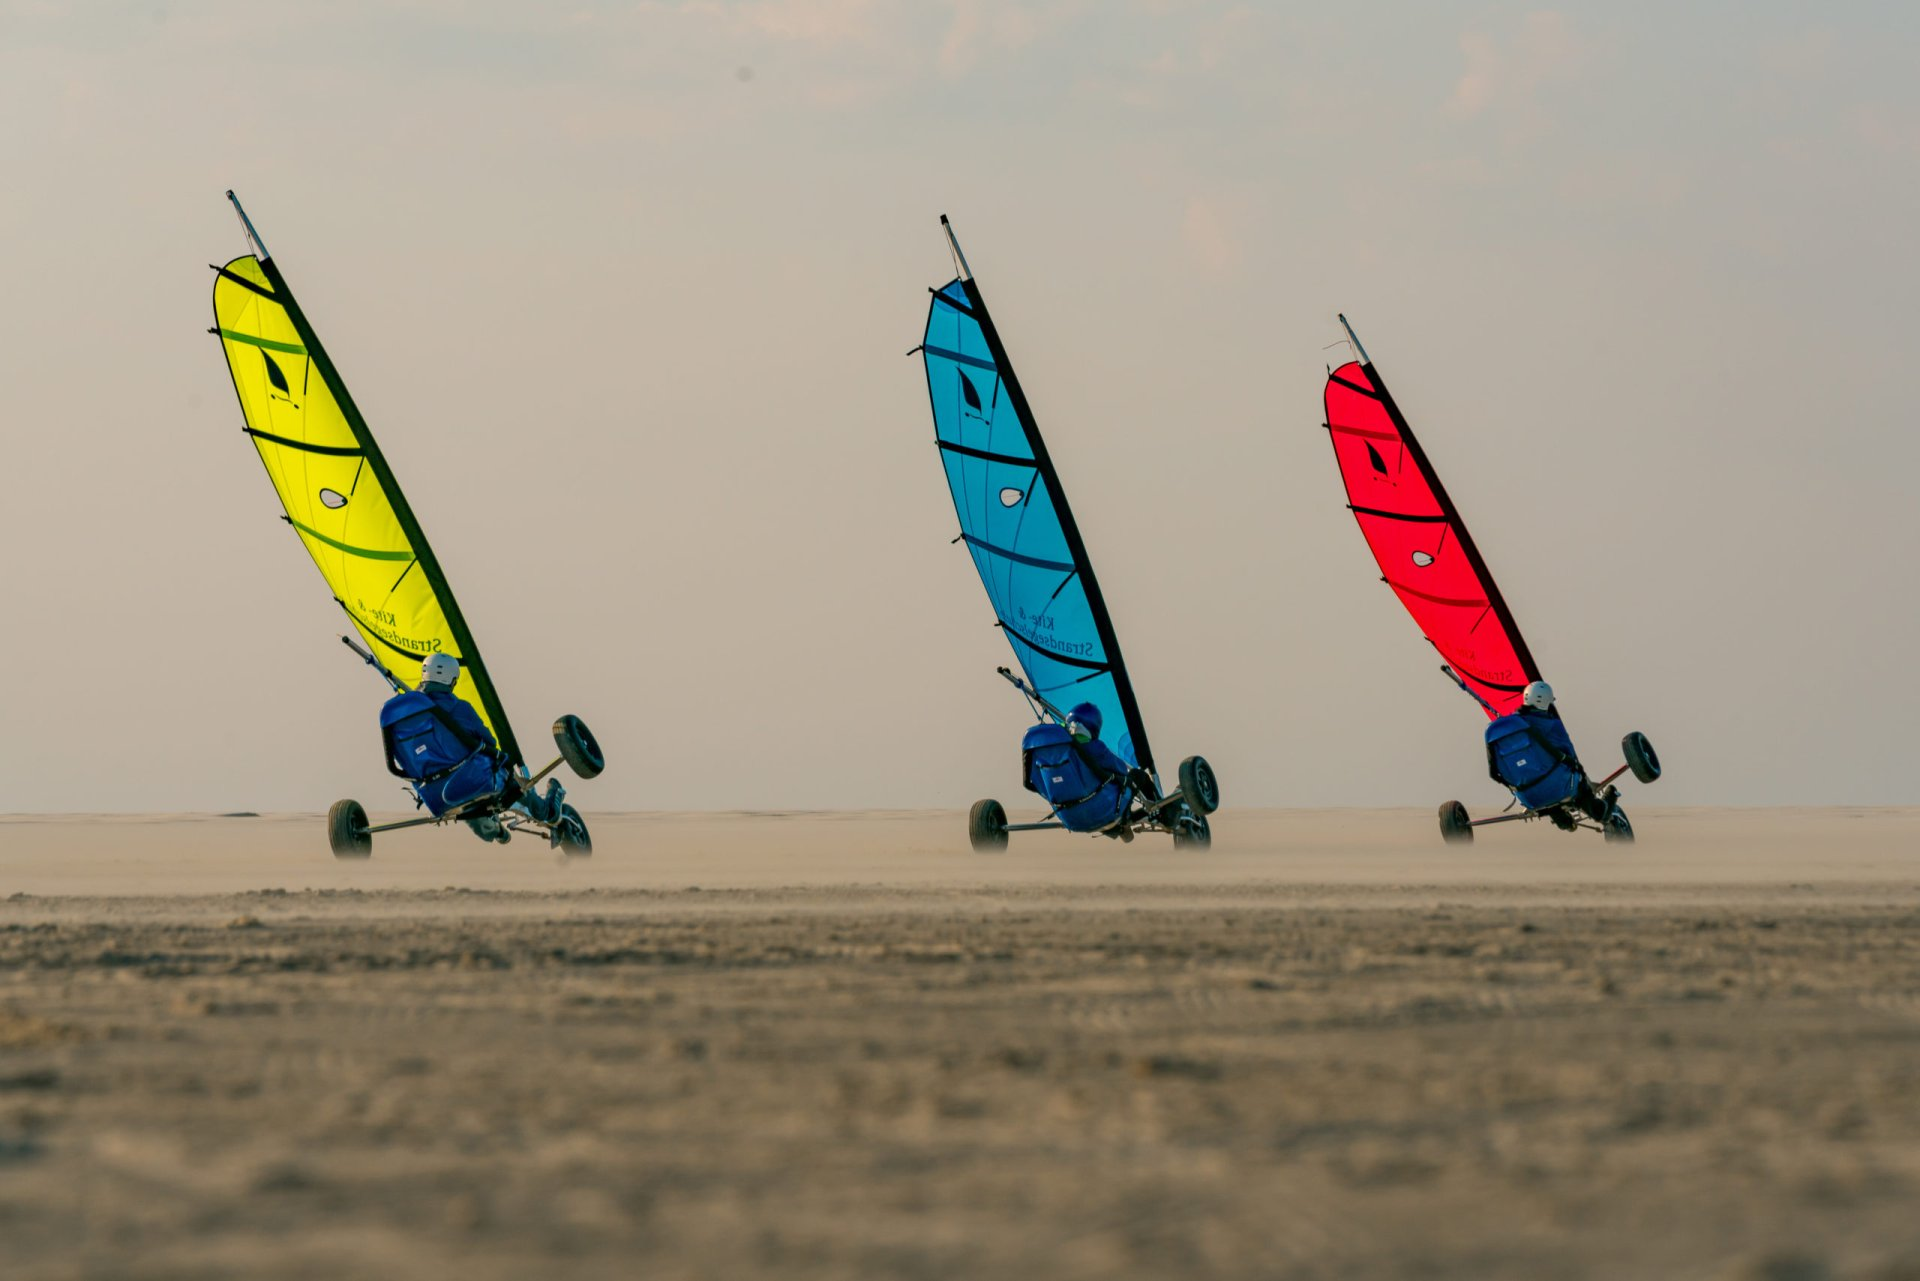 Strandsegler auf Borkum im Wettrennen